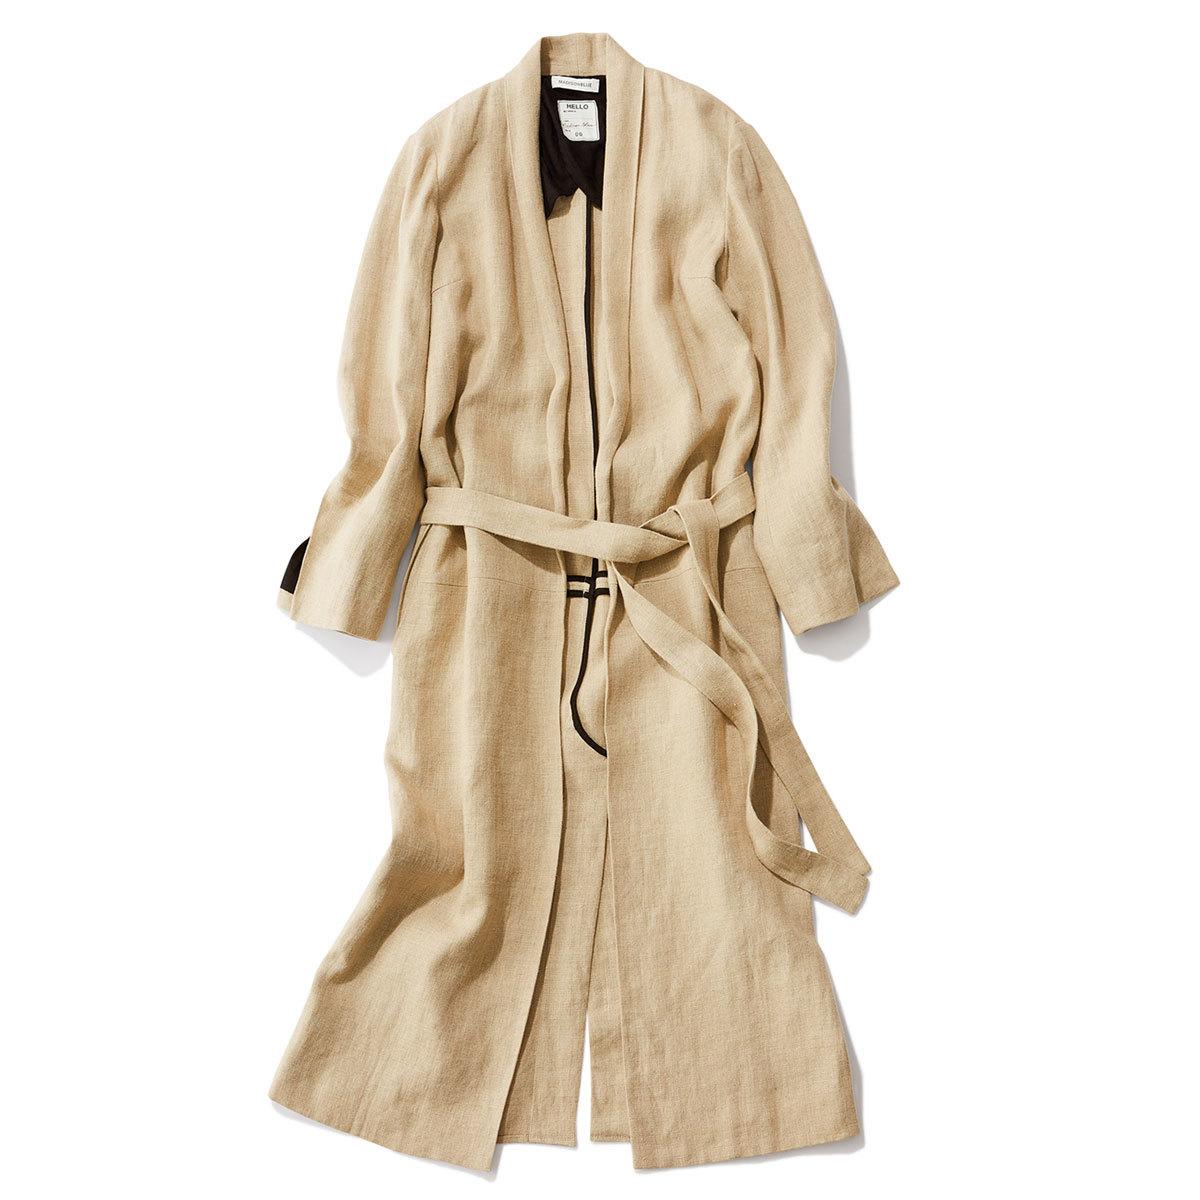 40代ファッション2019年夏のお買い物_MADISONBLUEのリネンガウンコート